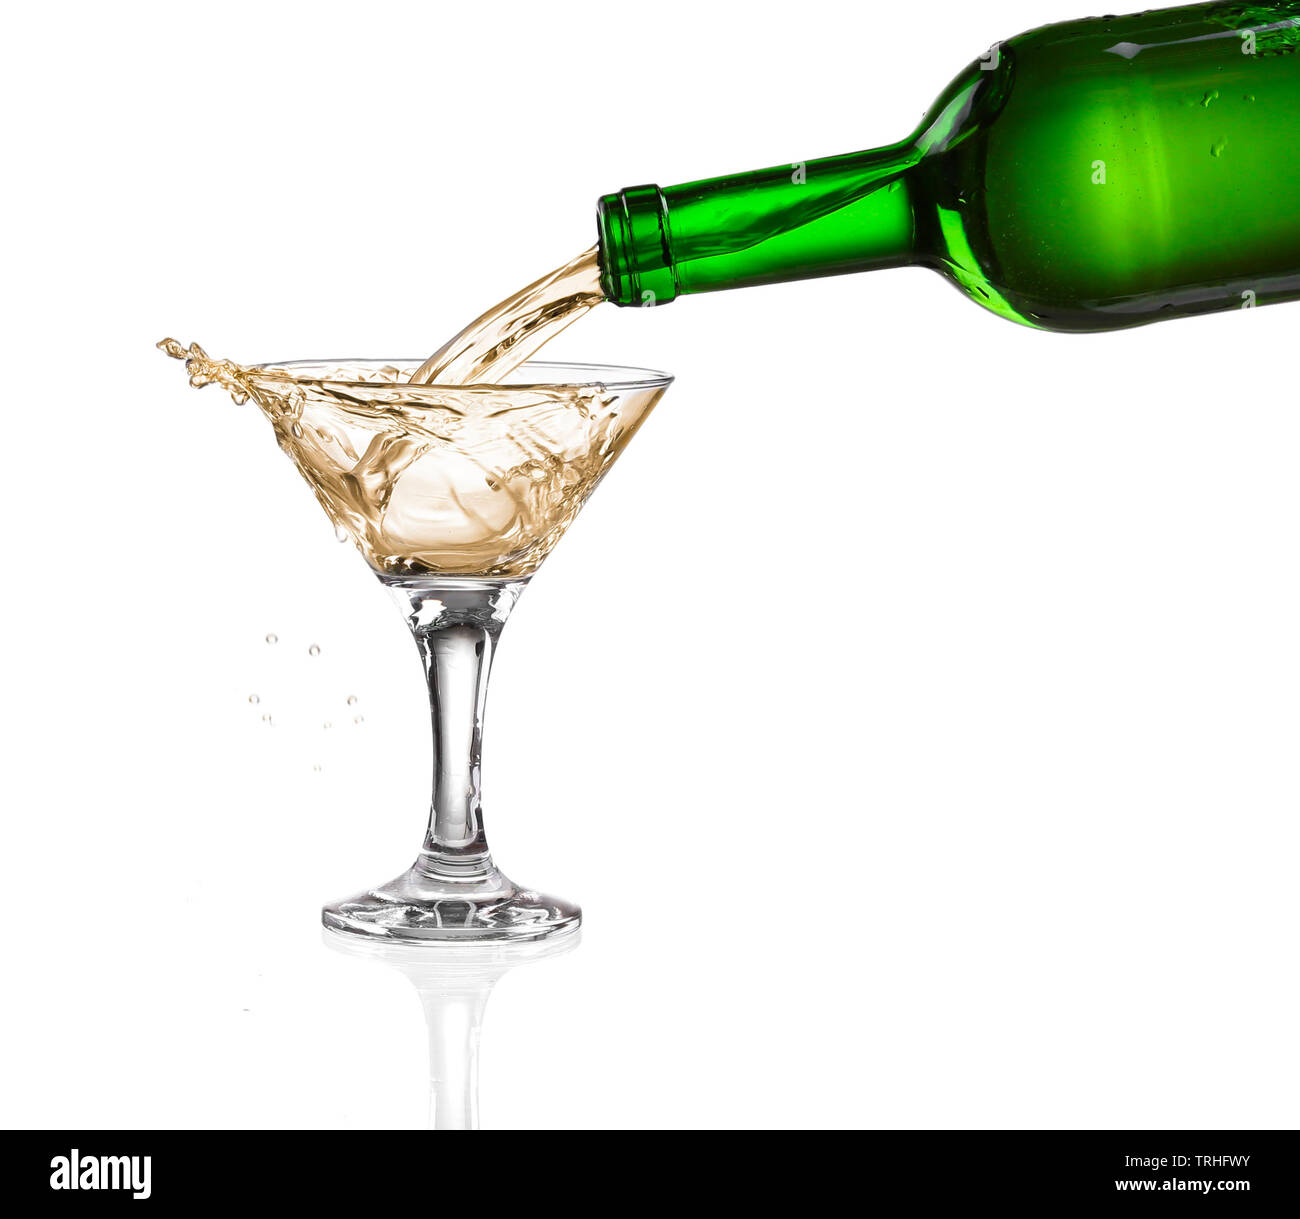 Weißer Wein Ausgießen aus der Flasche Intro das Glas auf weißem Hintergrund Stockfoto